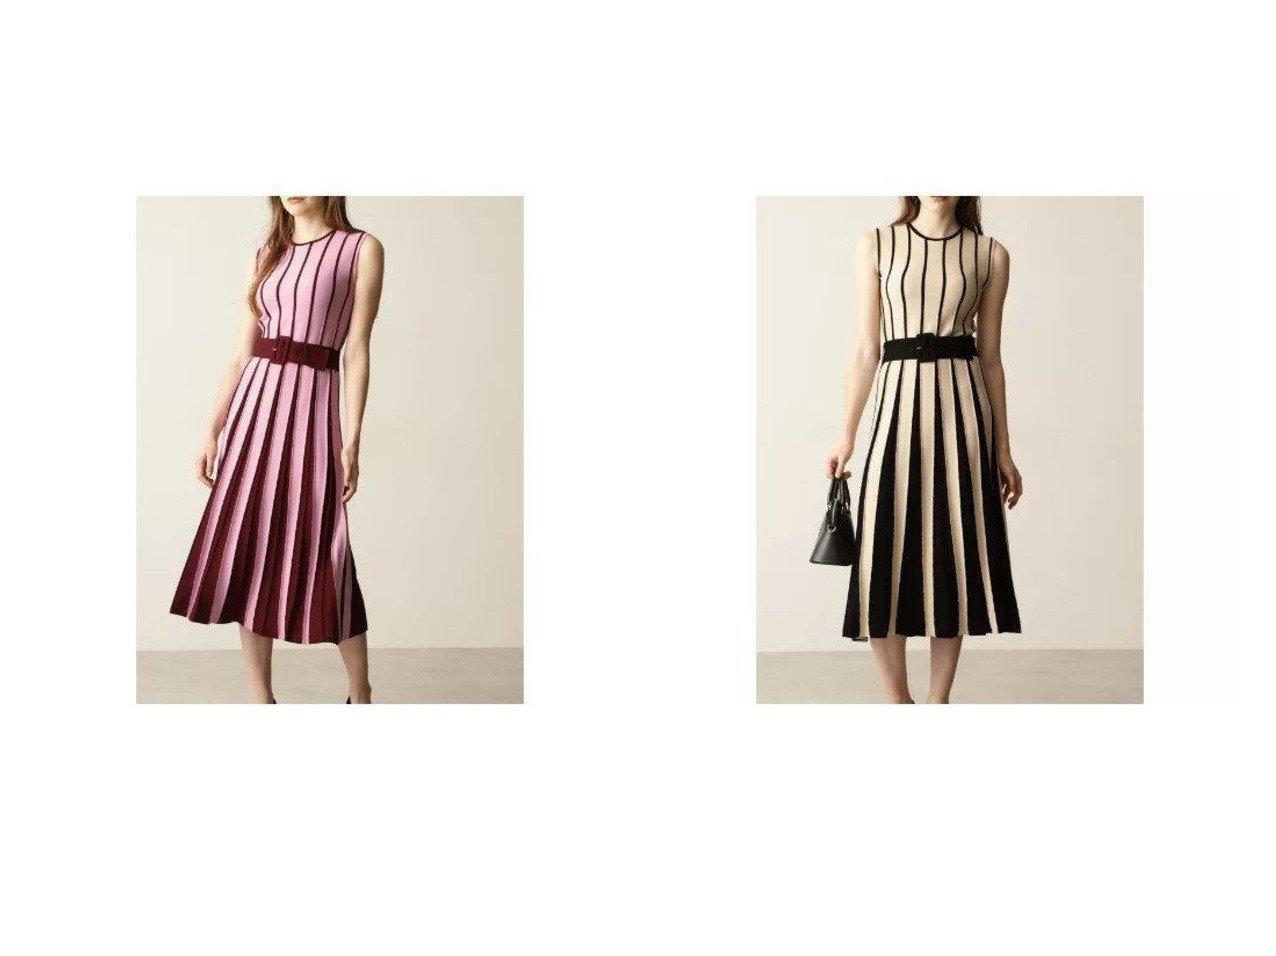 【Pinky&Dianne/ピンキーアンドダイアン】のバイカラープリーツ風ニットワンピース 【ワンピース・ドレス】おすすめ!人気、トレンド・レディースファッションの通販 おすすめで人気の流行・トレンド、ファッションの通販商品 インテリア・家具・メンズファッション・キッズファッション・レディースファッション・服の通販 founy(ファニー) https://founy.com/ ファッション Fashion レディースファッション WOMEN ワンピース Dress ニットワンピース Knit Dresses ストレッチ フレア プリーツ |ID:crp329100000063577